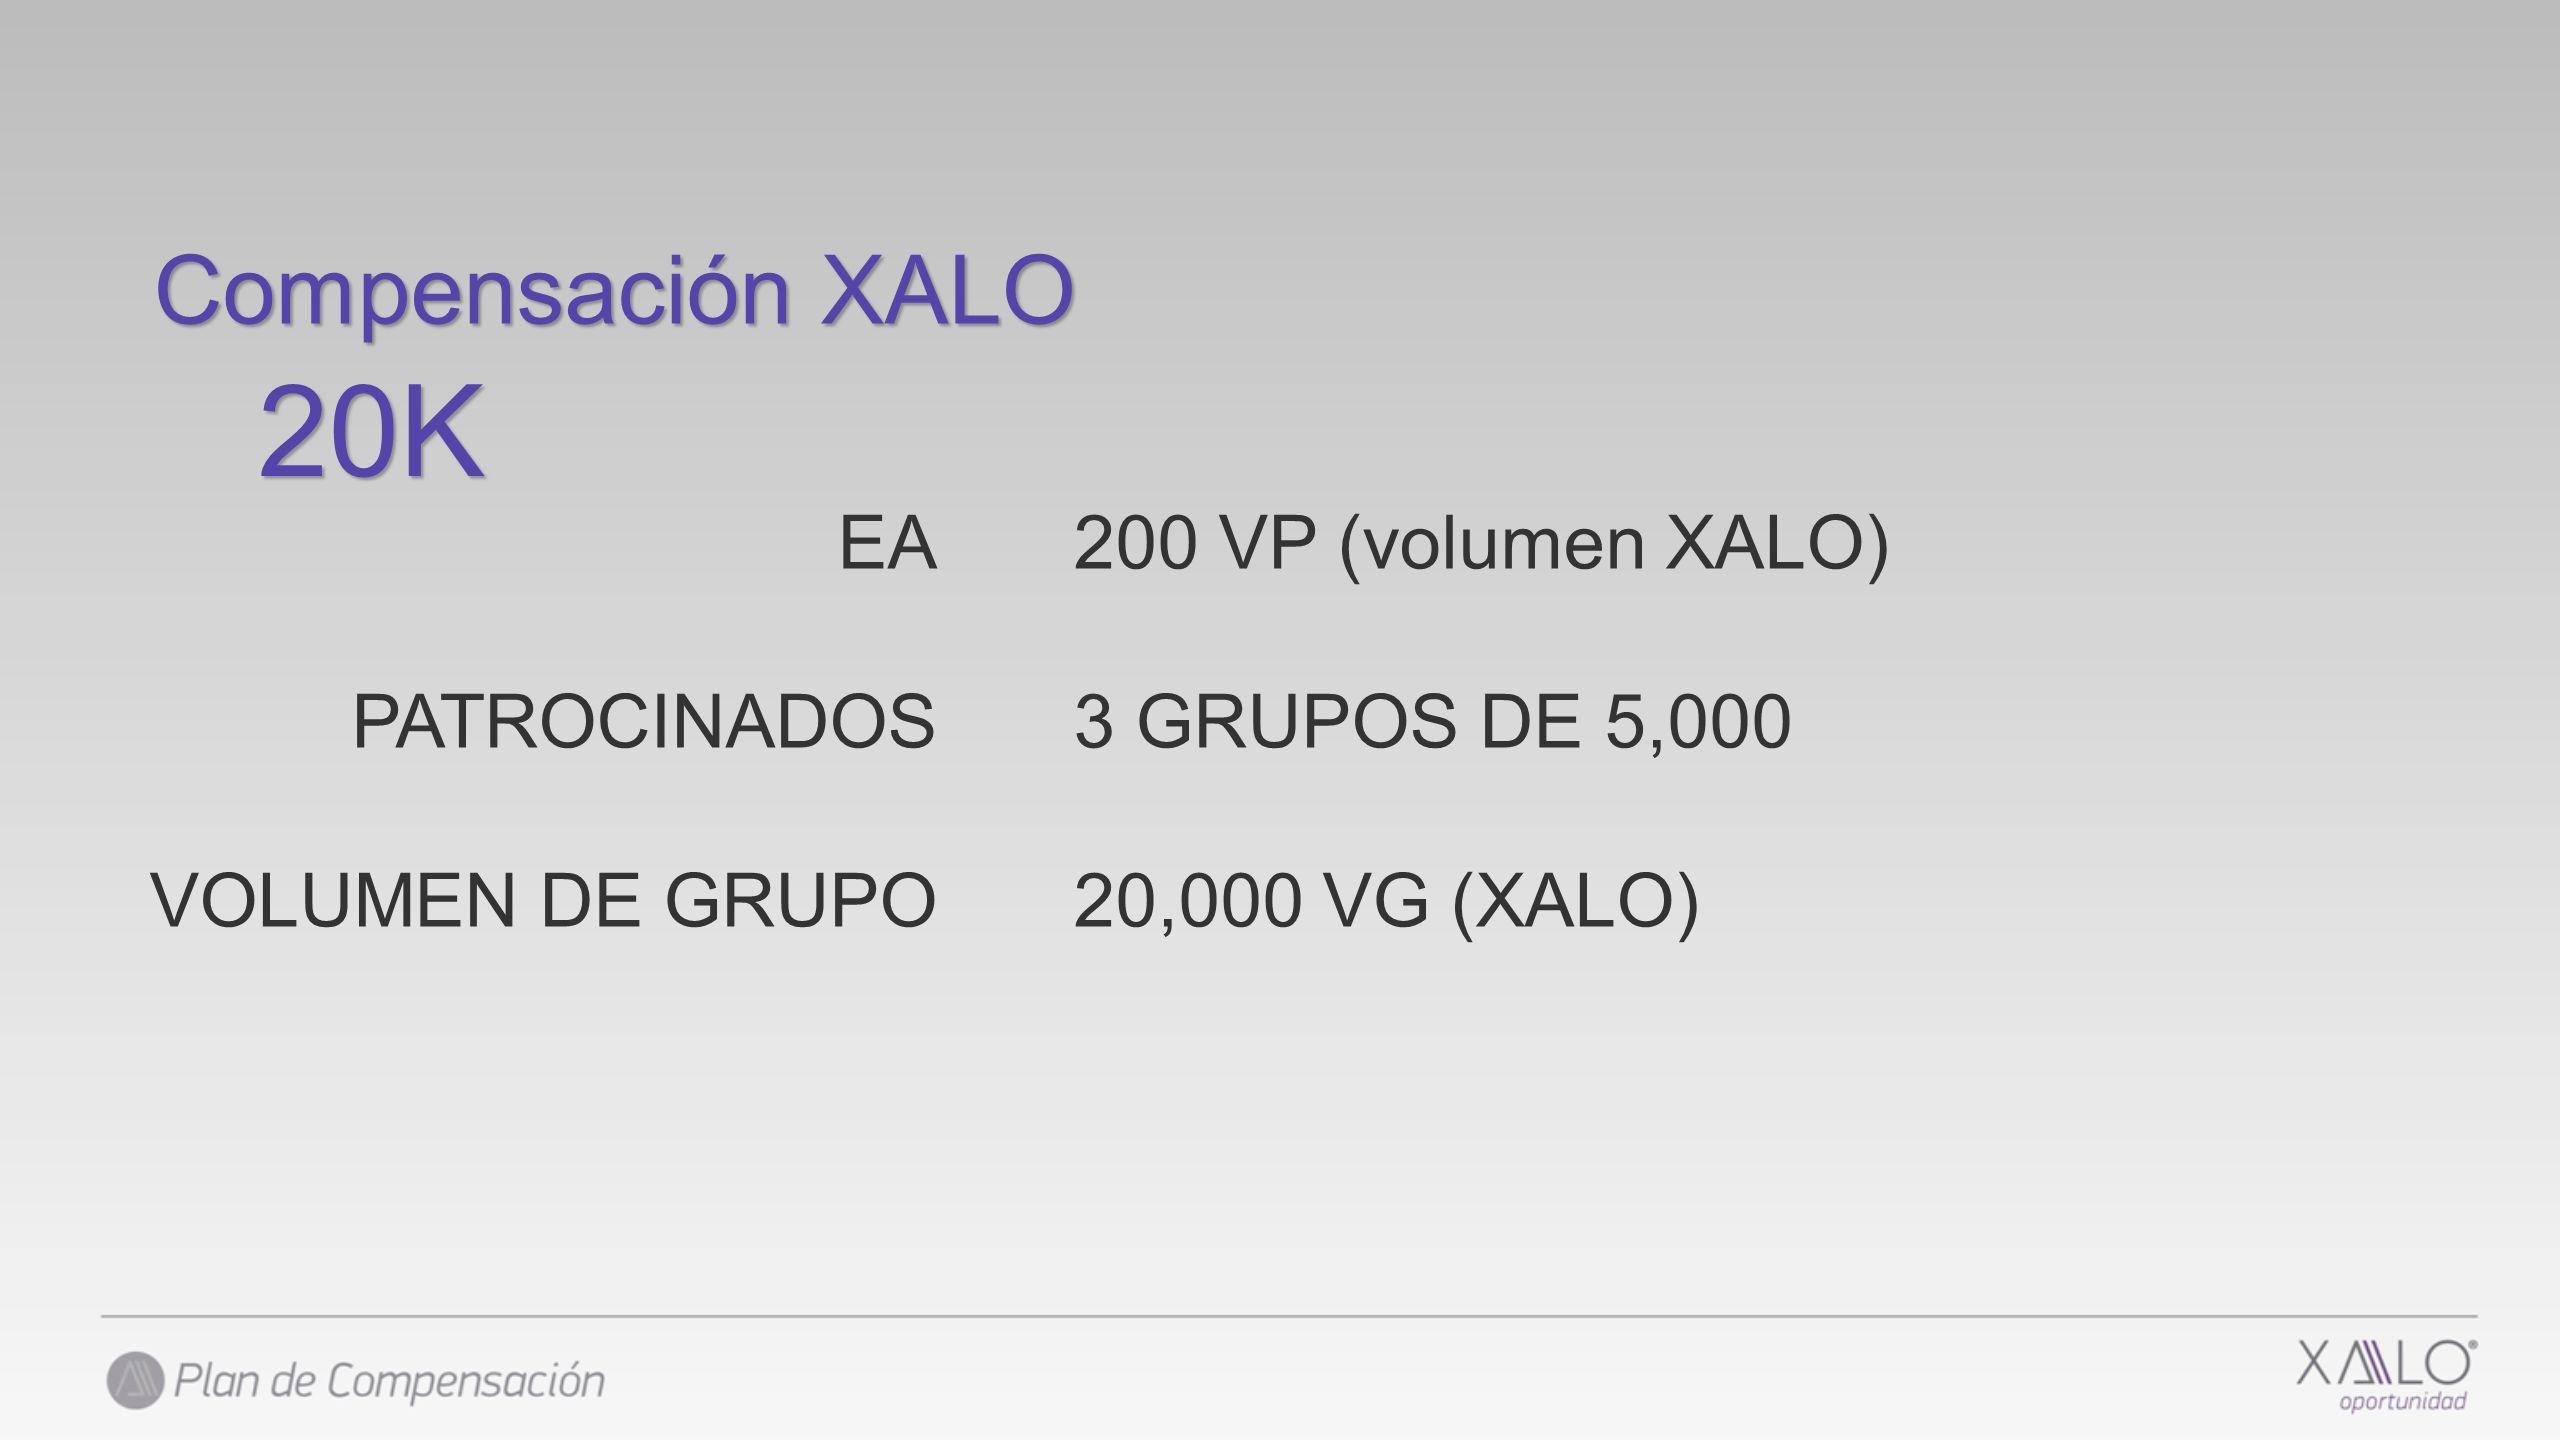 20K Compensación XALO EA PATROCINADOS VOLUMEN DE GRUPO